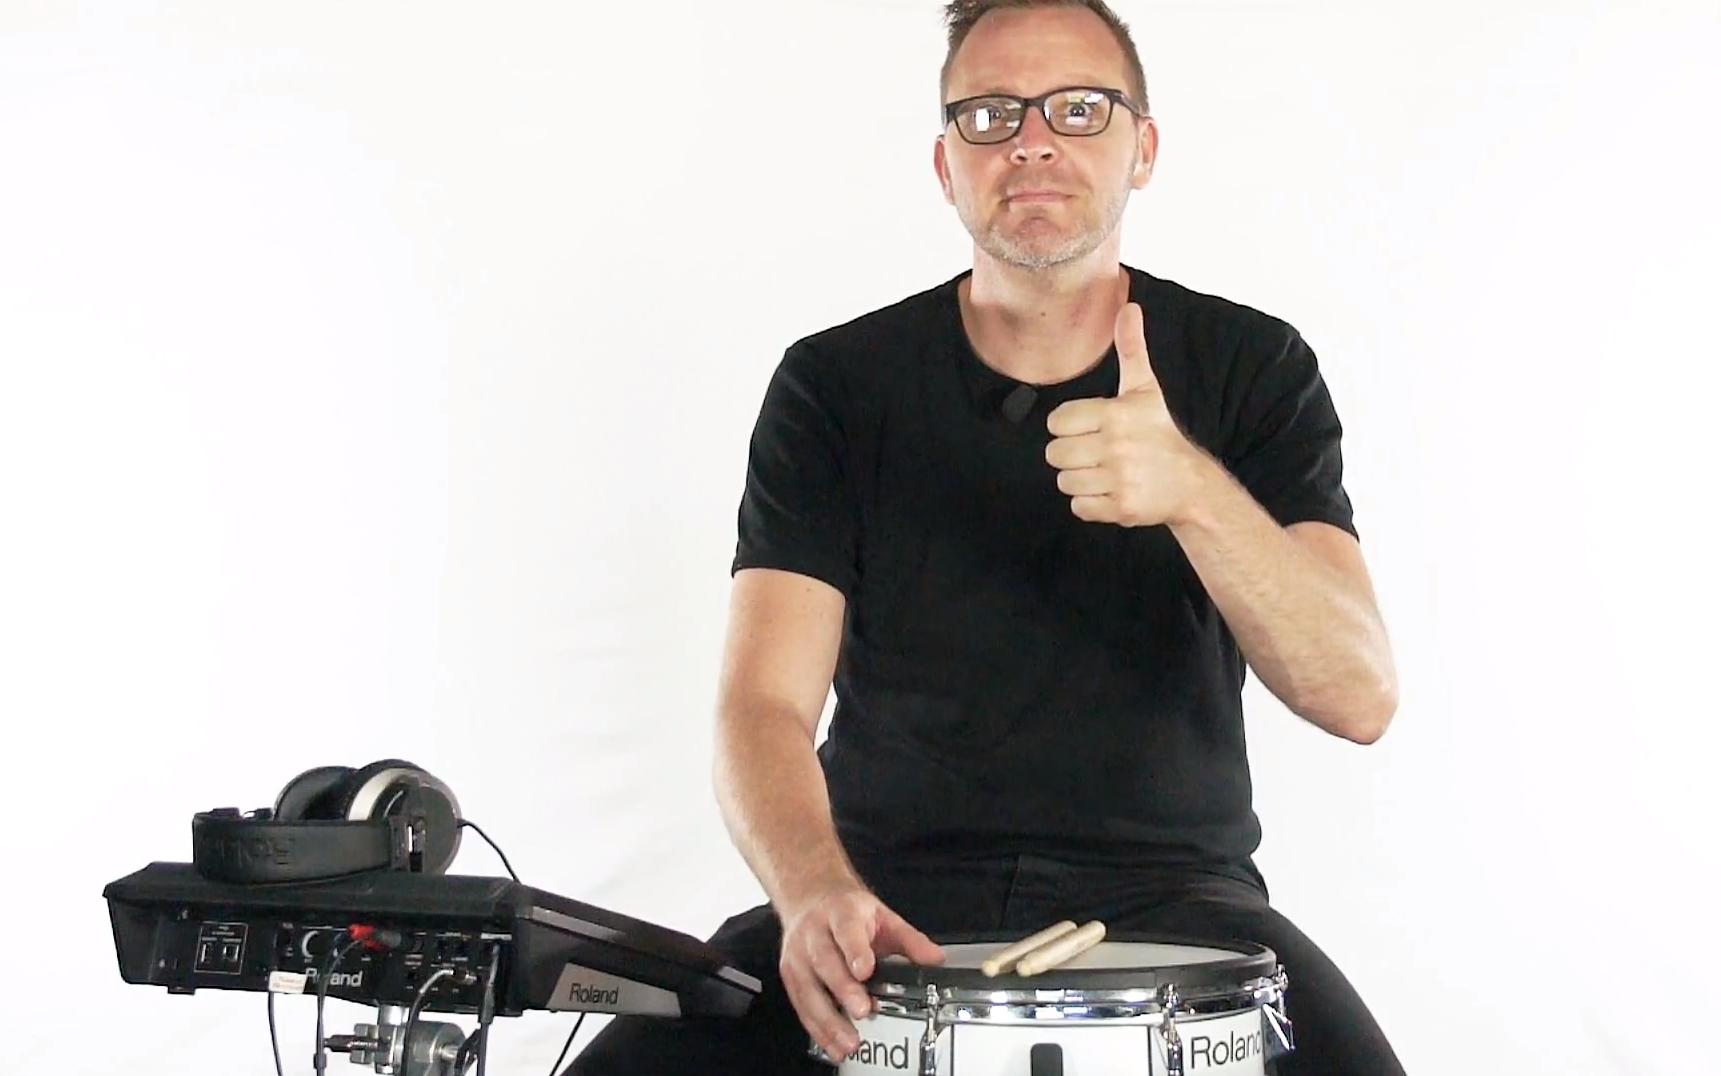 snare drum zomer techniek workshop 11 augustus 2020 zwolle